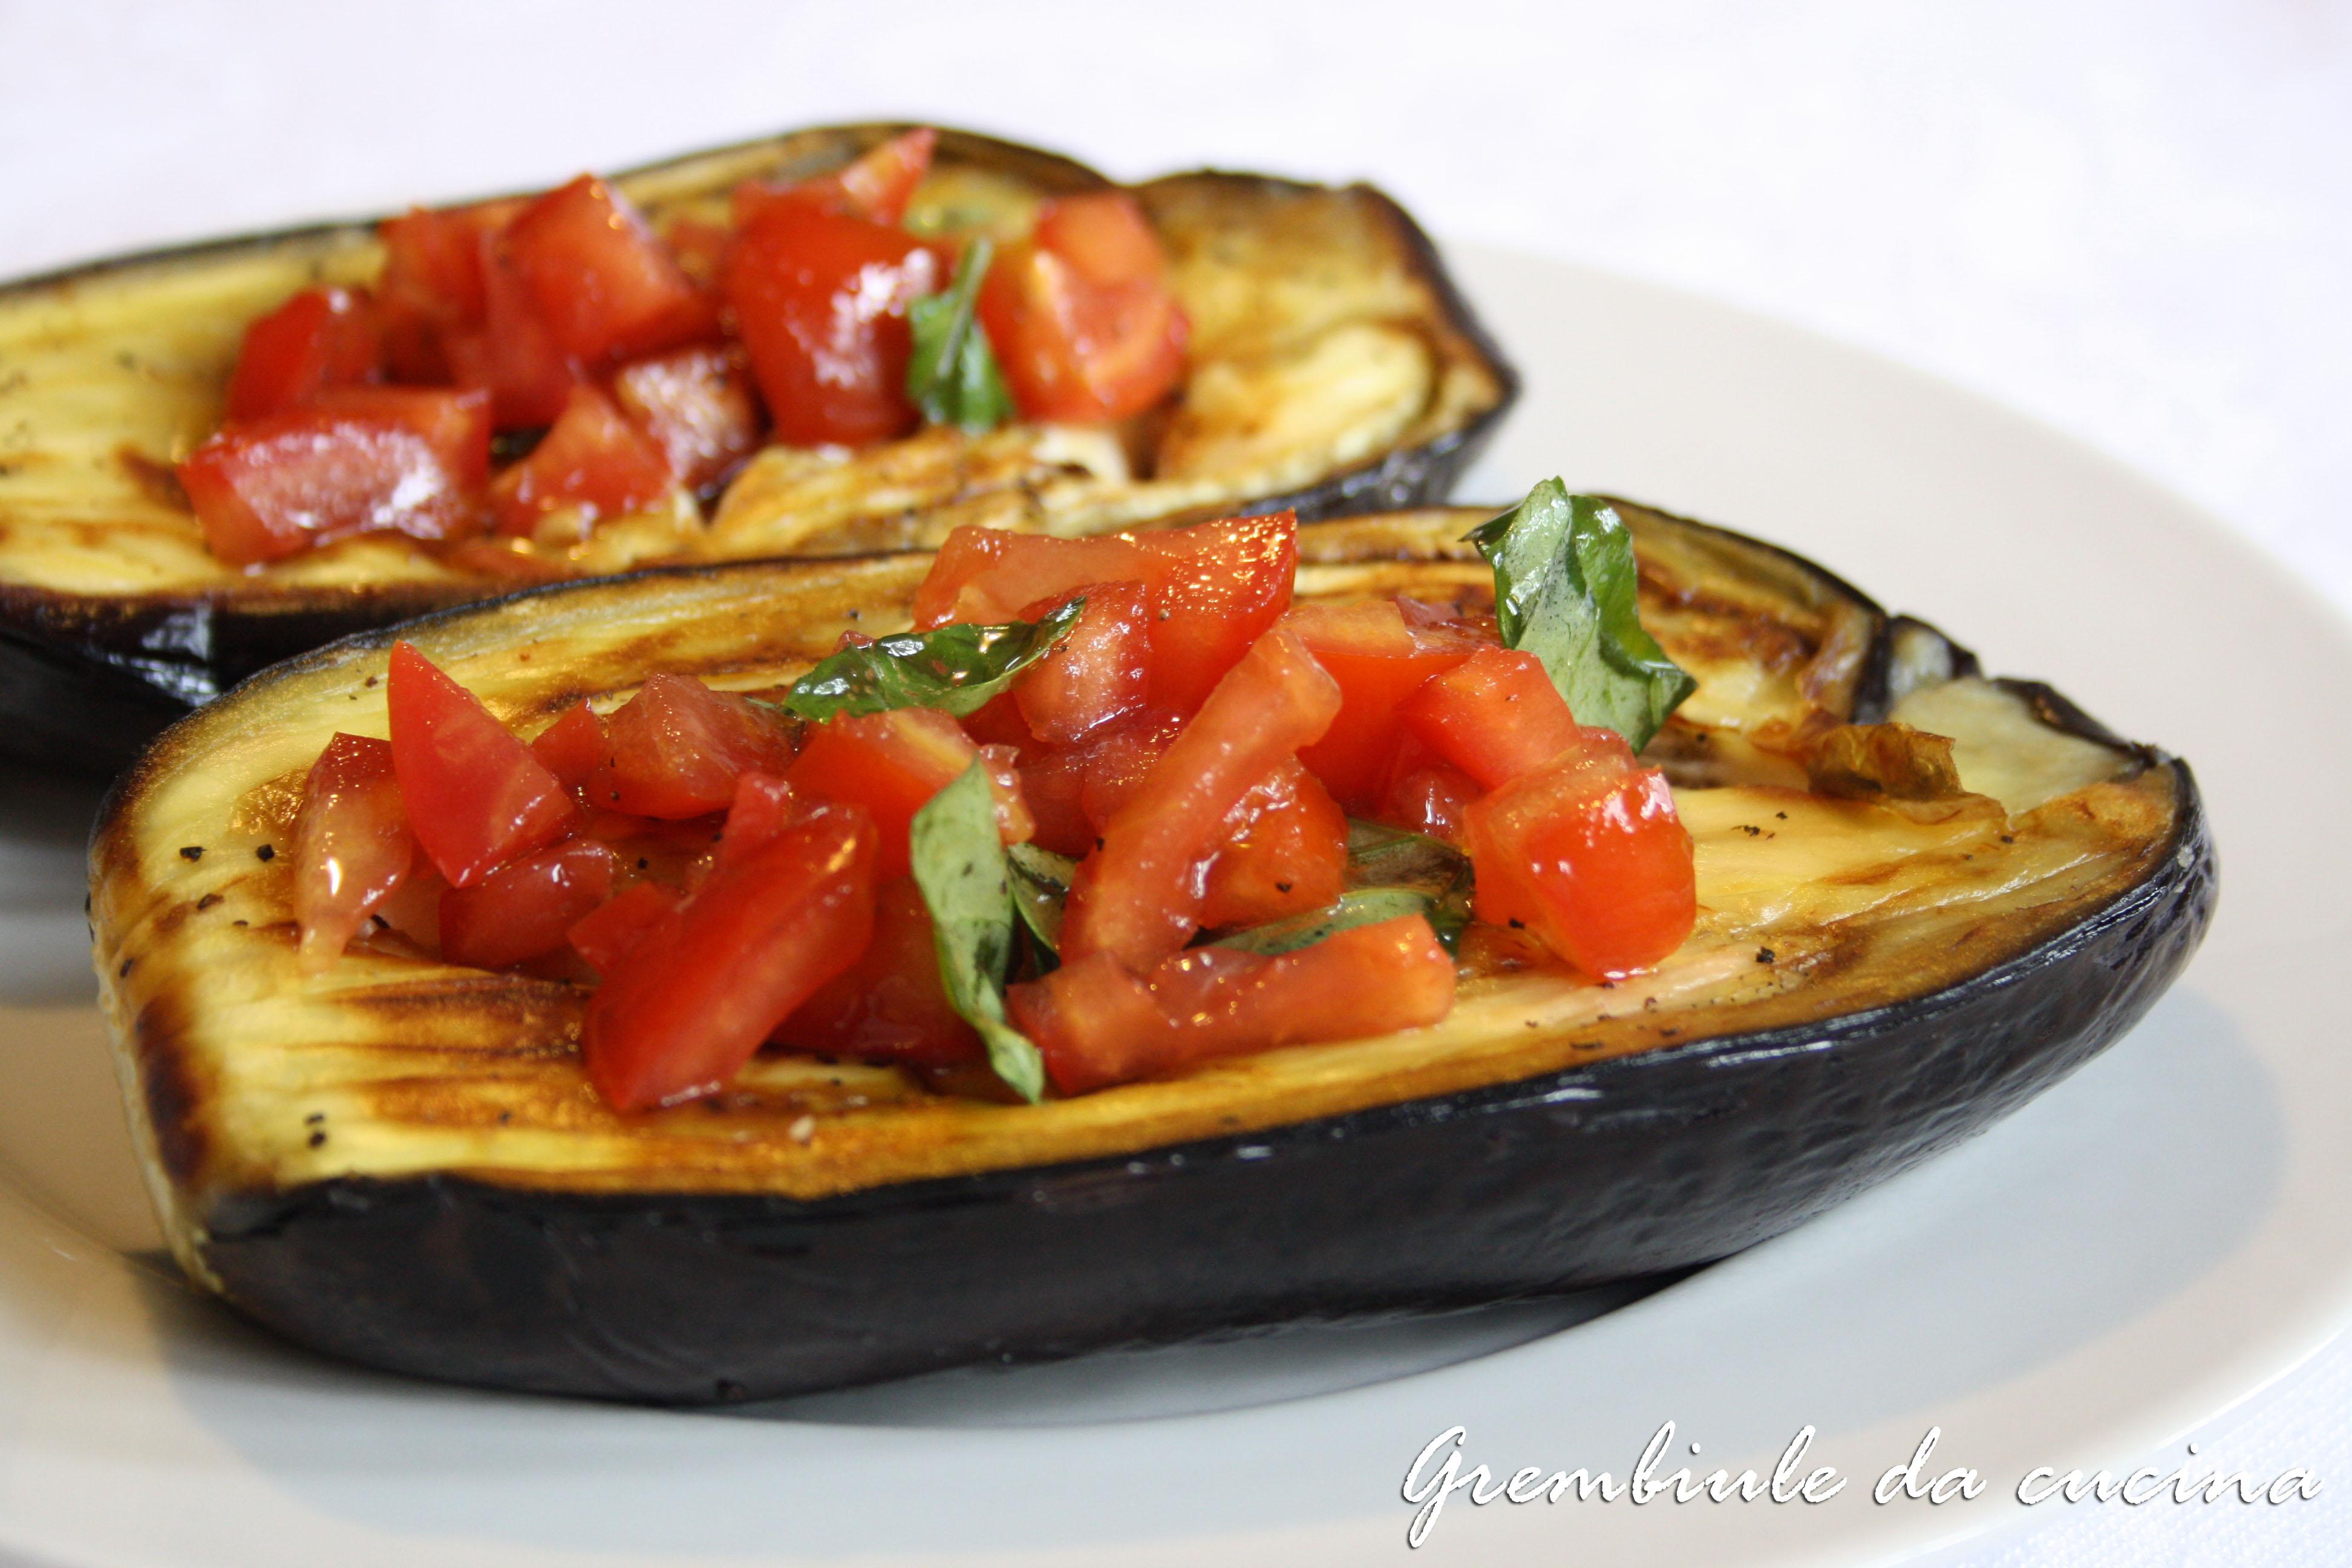 夏に食べたい!トマトとなすを使ったおかずの絶品レシピ8選!のサムネイル画像